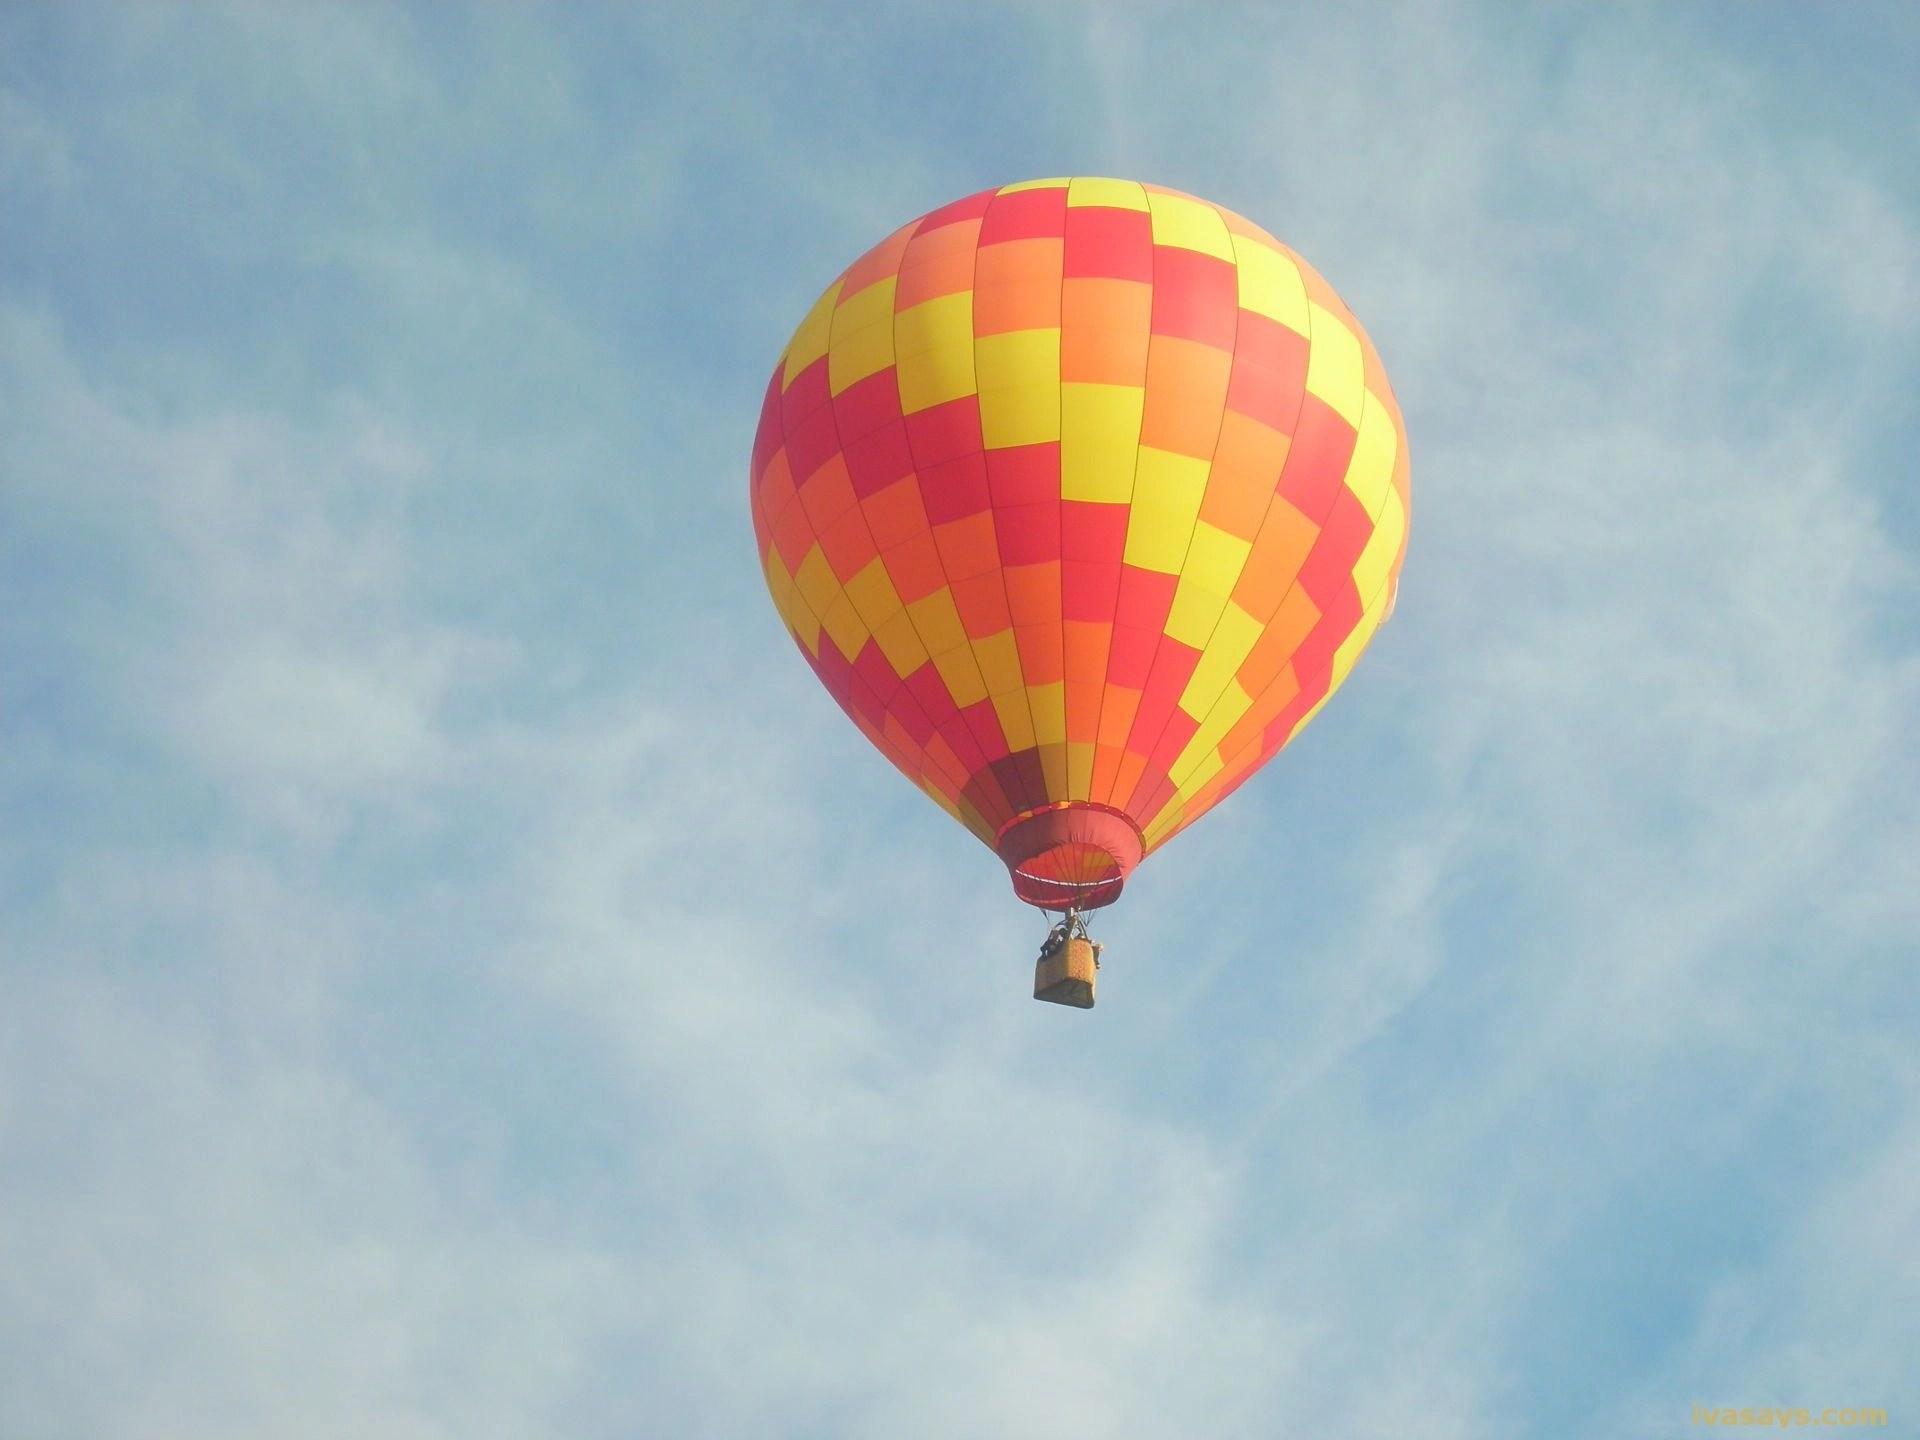 An Orange Hot Air Balloon Up in Air